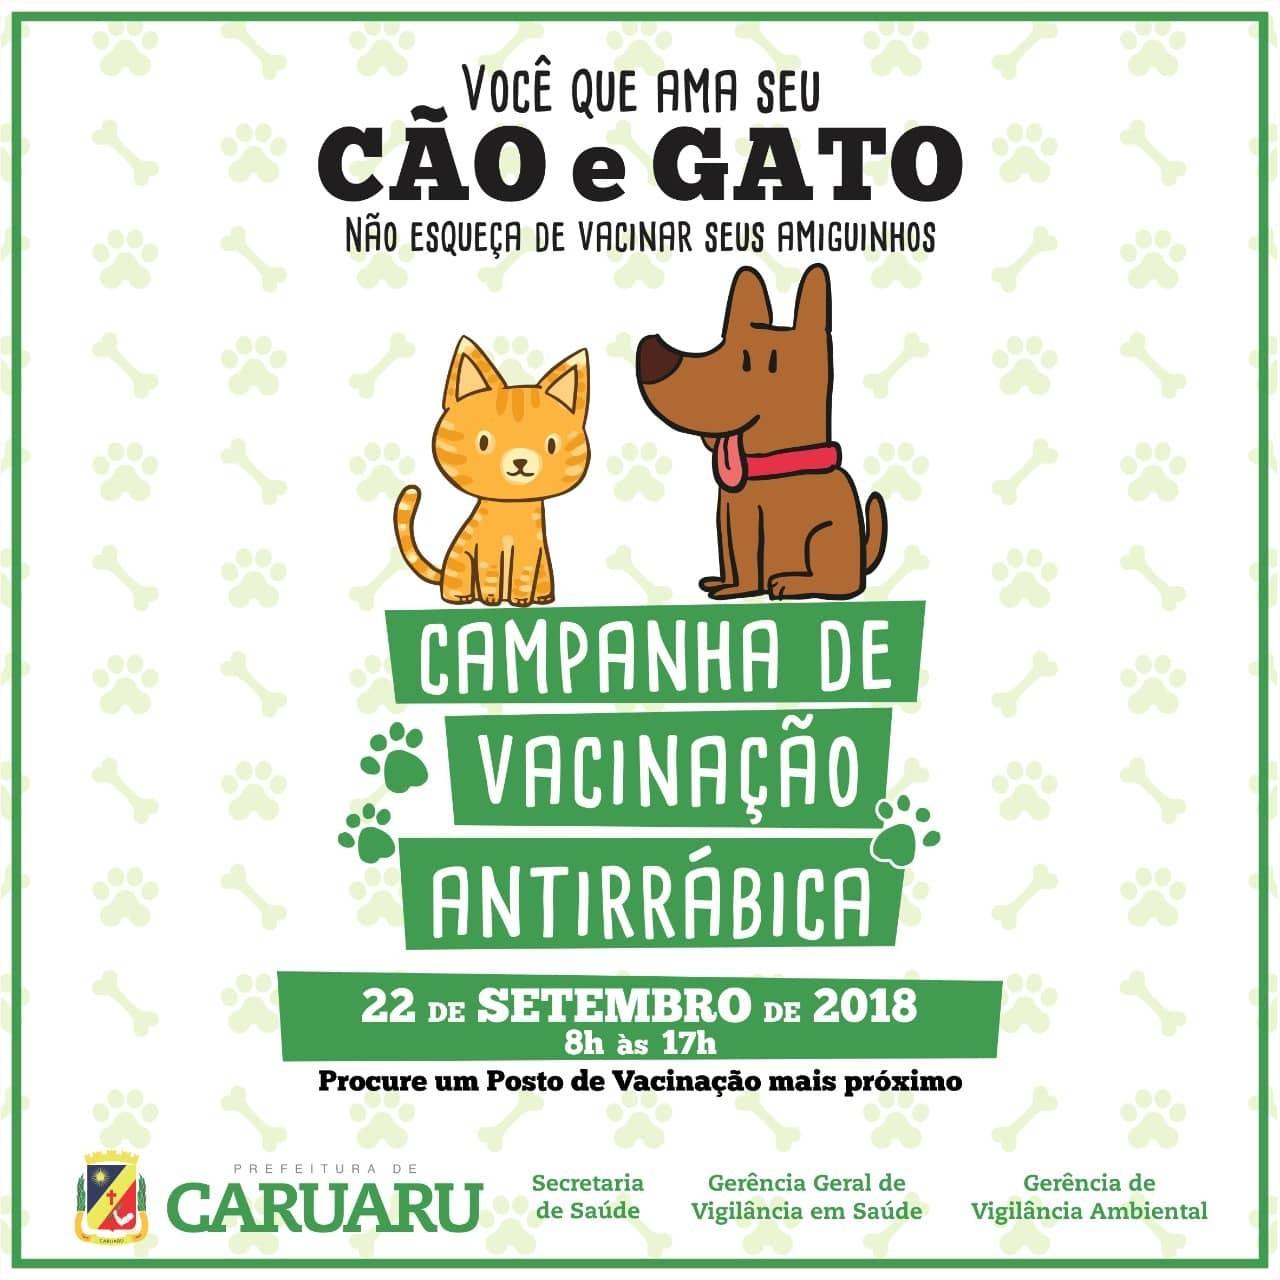 Dia 'D da Campanha de Vacinação Antirrábica Animal' é realizada em Caruaru - Radio Evangelho Gospel